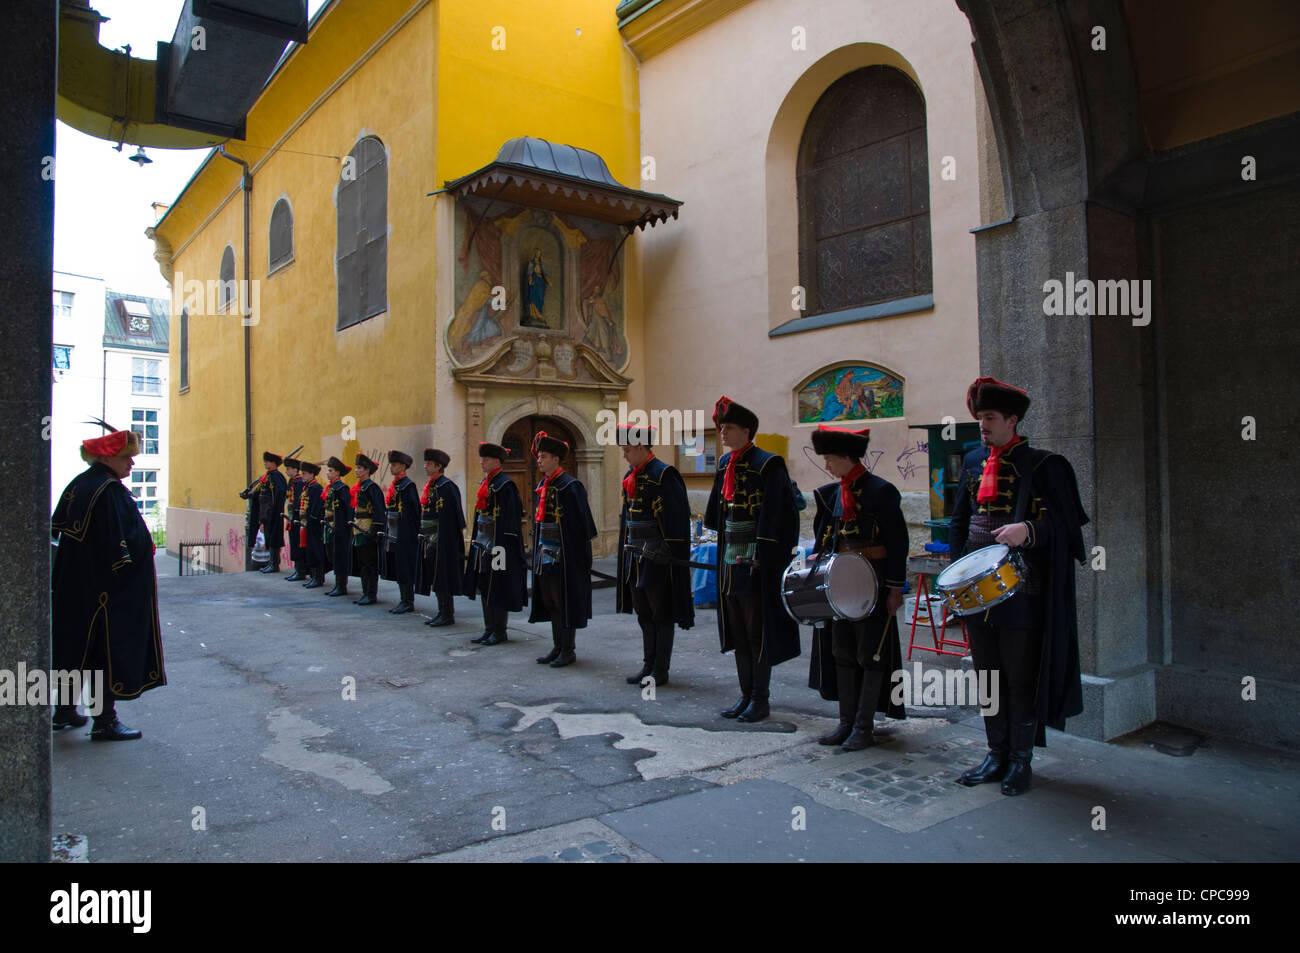 Sábado por la mañana, cambio de guardia del regimiento Kravat en el Mercado Dolac Zagreb Croacia Europa Imagen De Stock